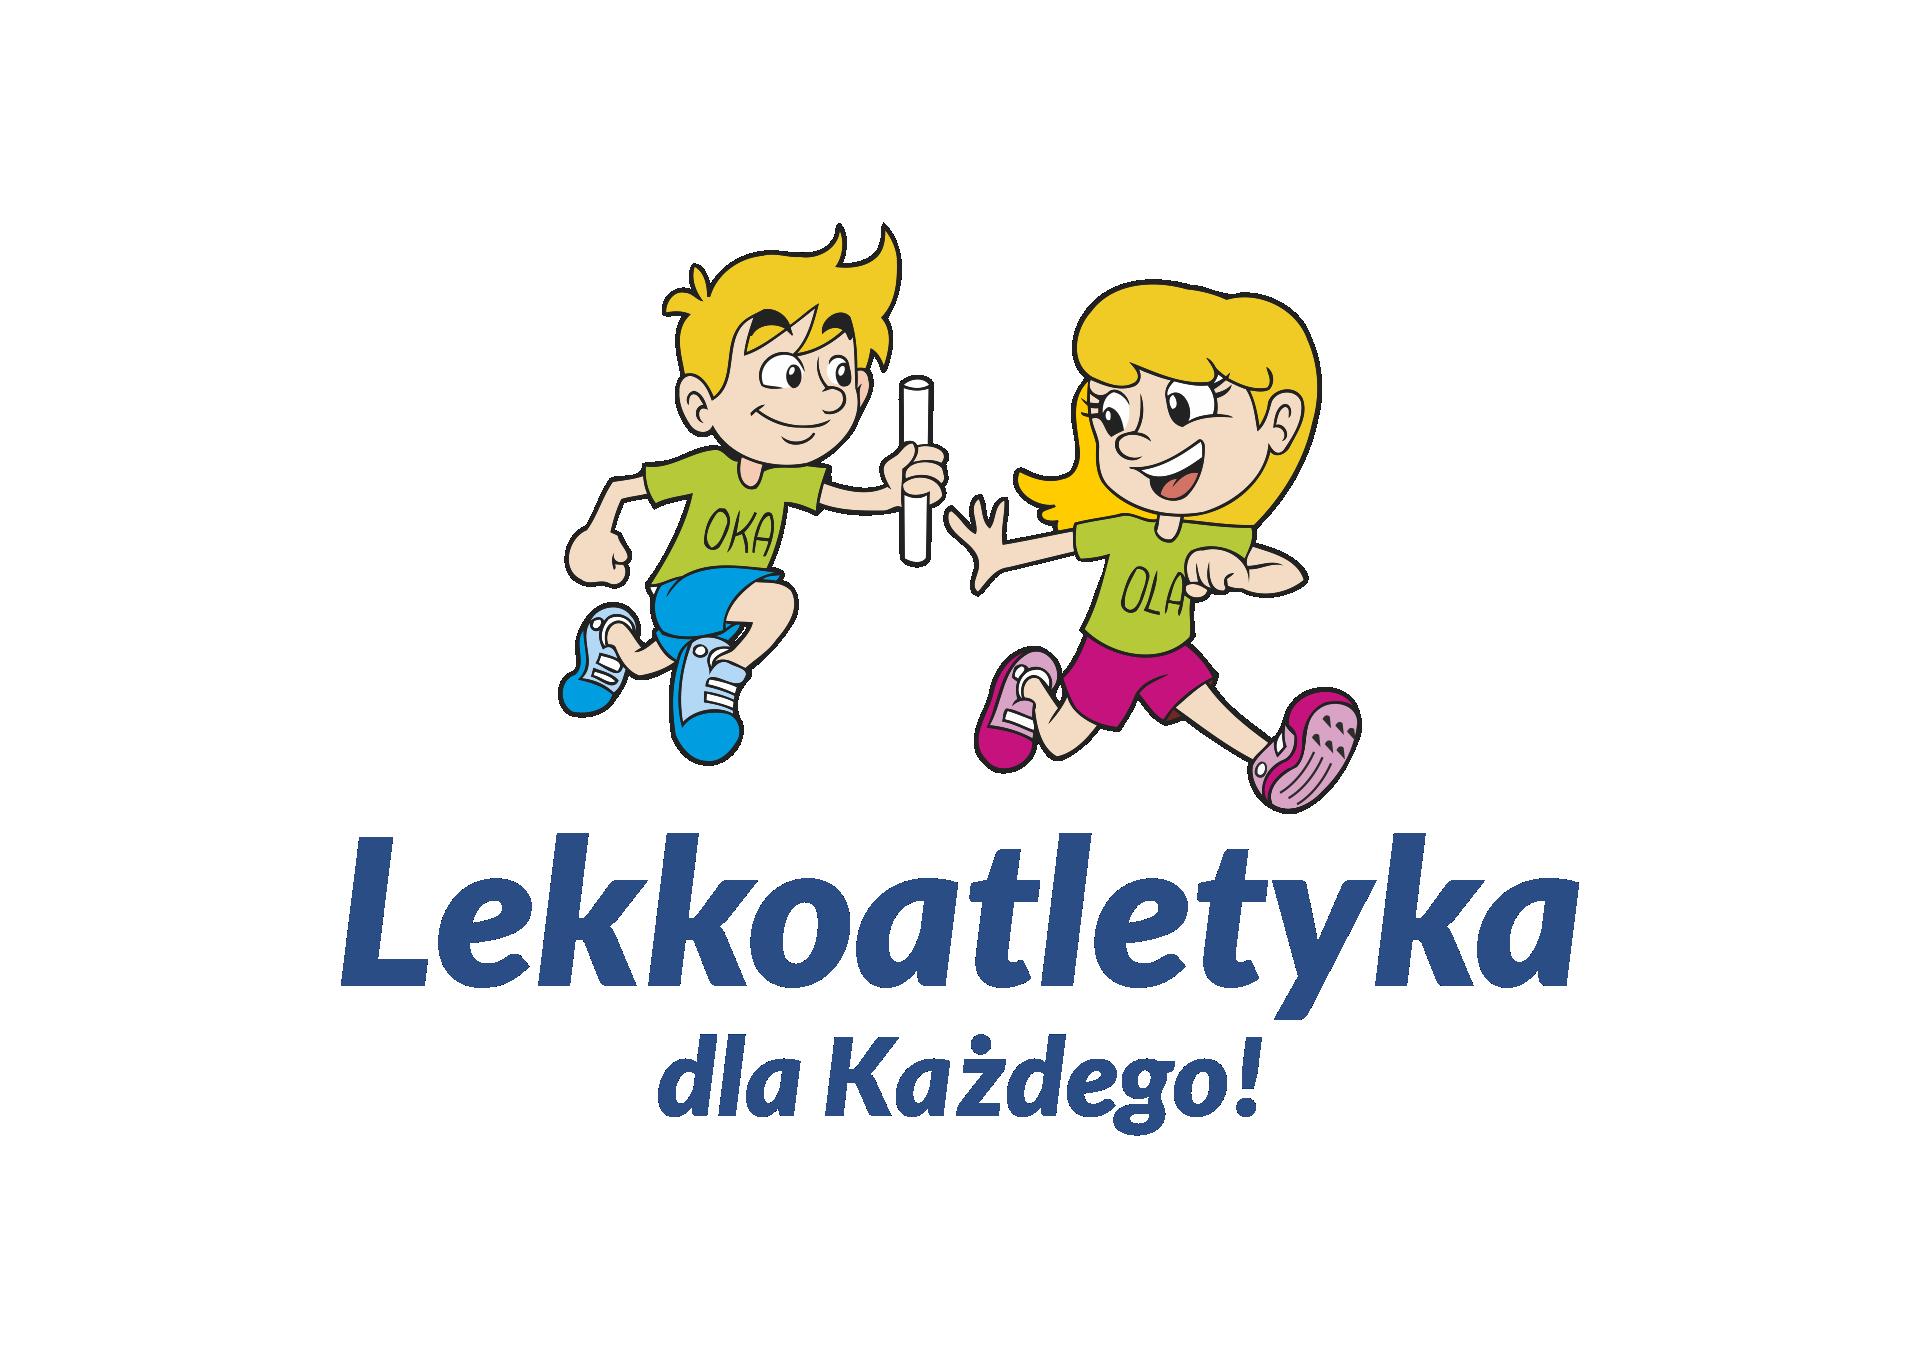 http://www.lekkoatletykadlakazdego.pl/